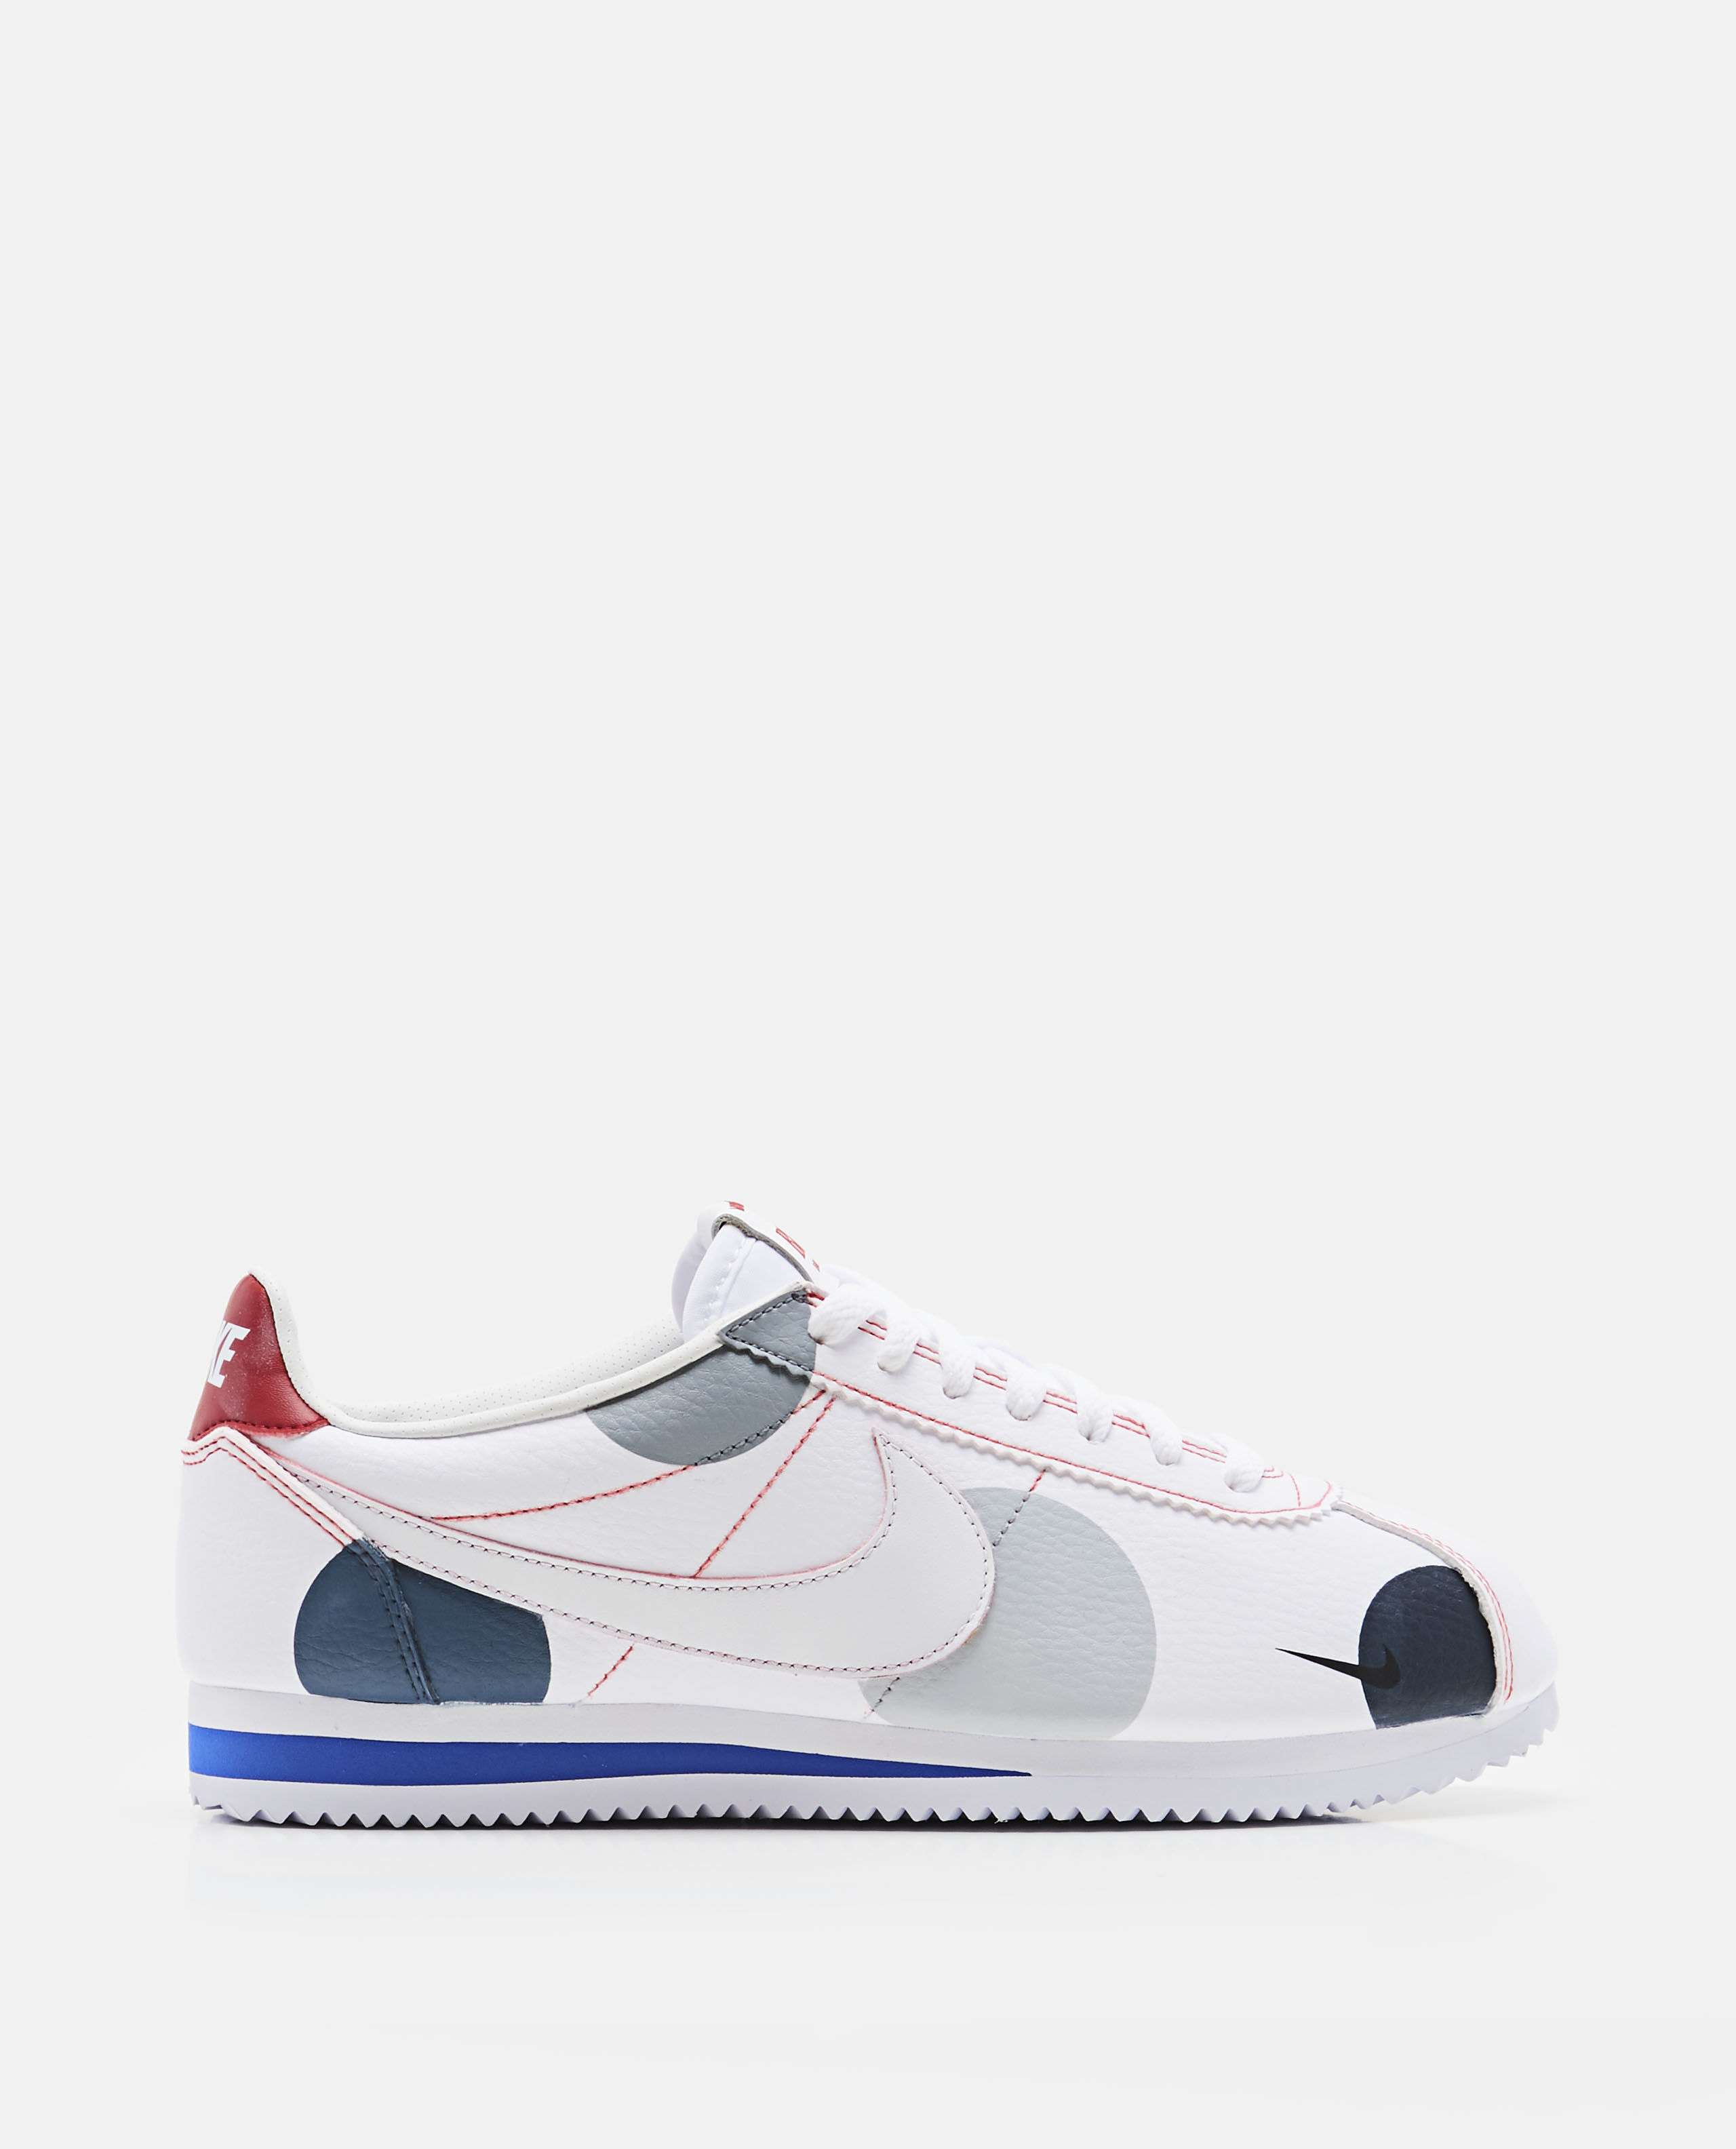 Nike Cortez X Biffi Boutiques